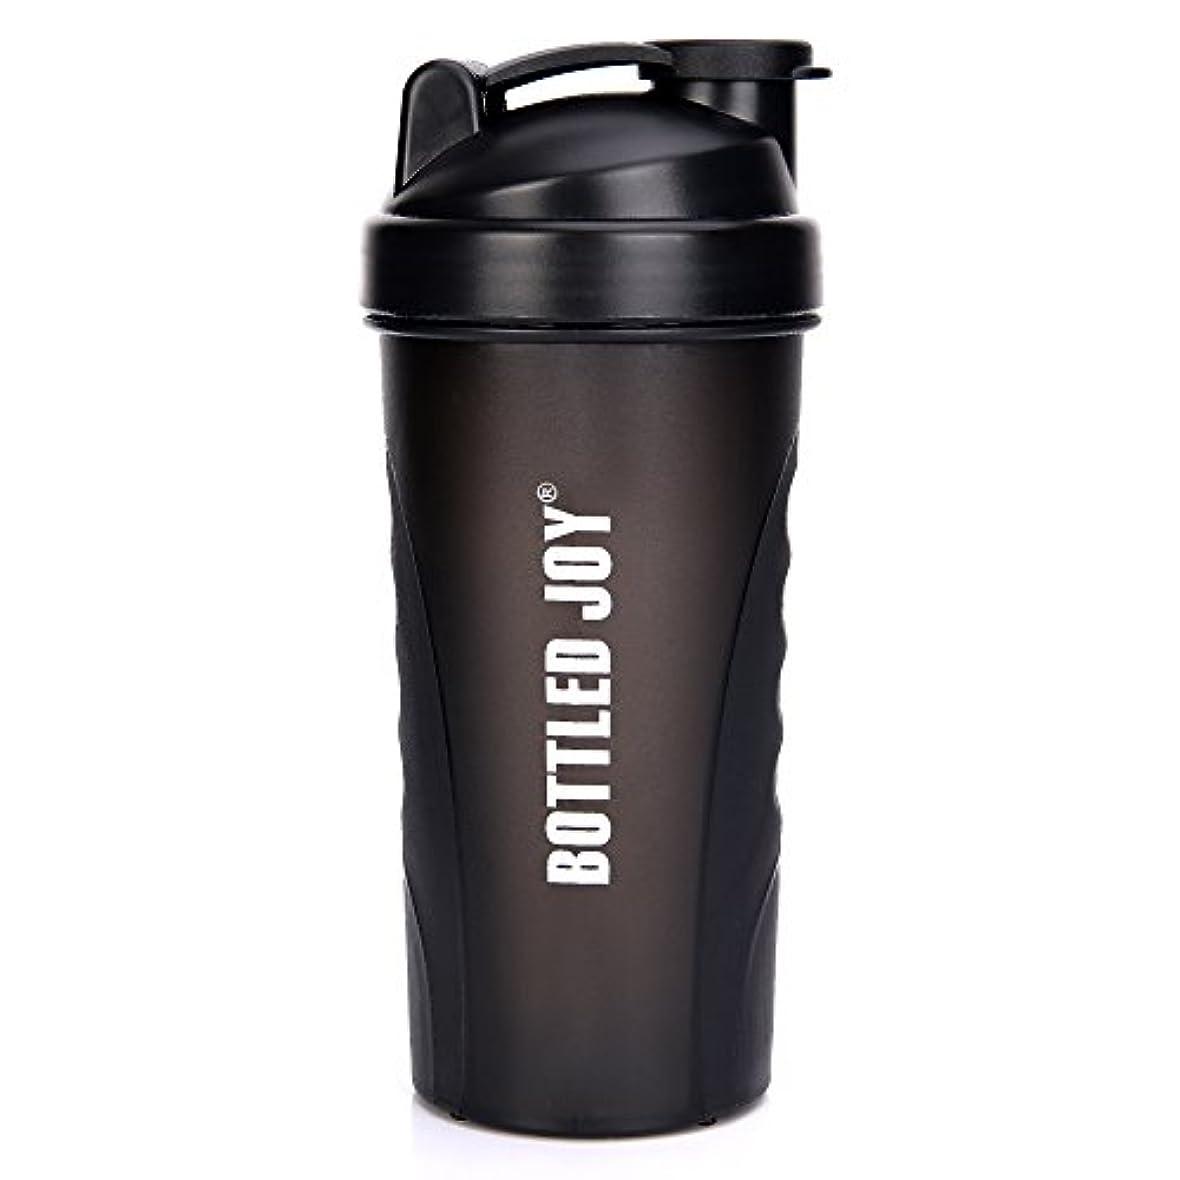 今日日常的に袋BOTTLED JOY プロテインシェイカーボトル グリップ 漏れ防止 スポーツミキサー スポーツ 栄養サプリメント ミックスシェイクボトル すべり止め 27オンス 800ml ブラック